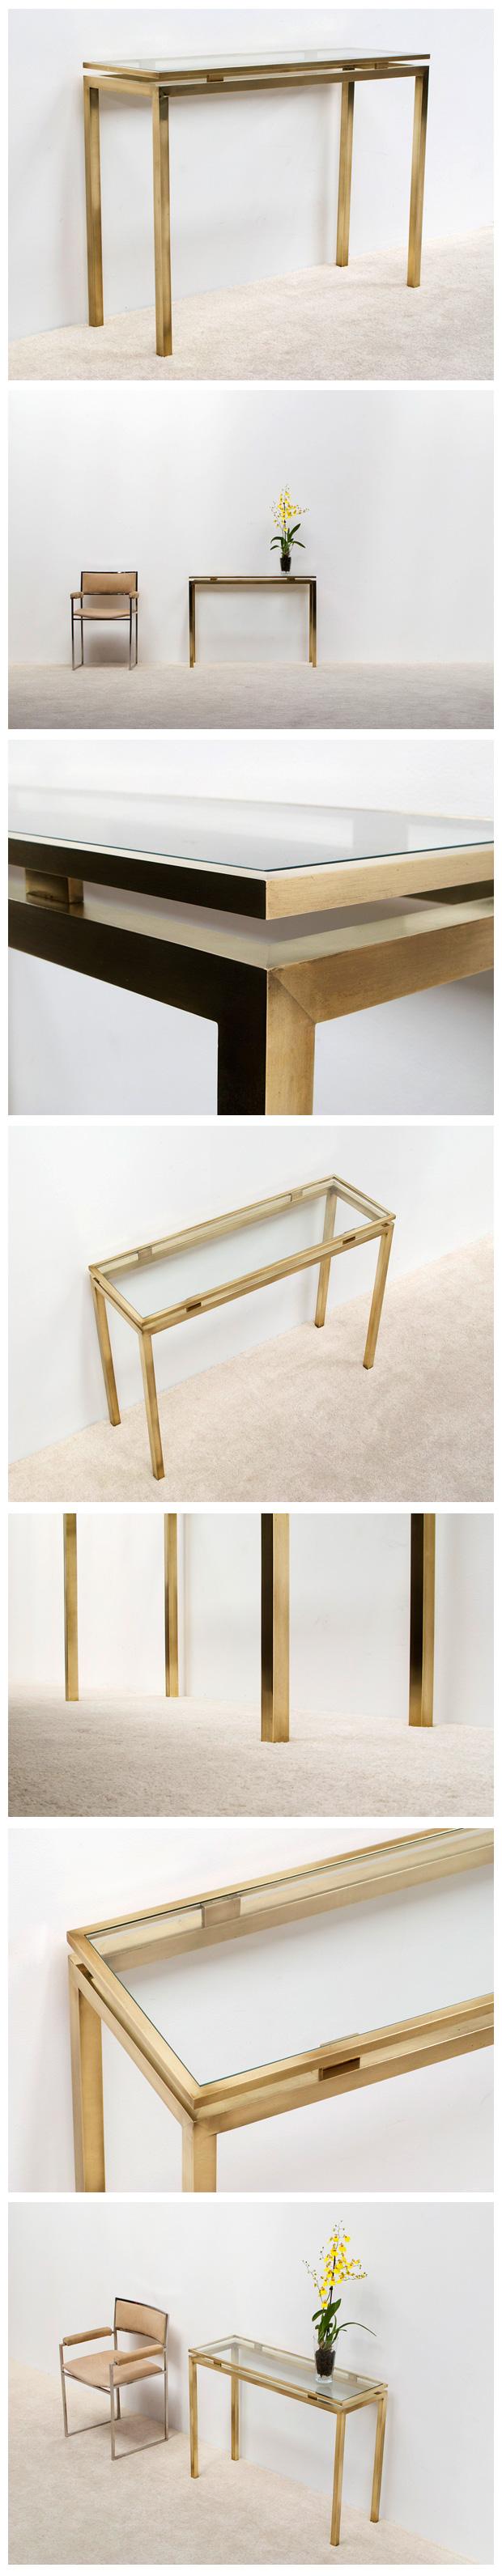 Guy Lefevre Brass Console Table Maison Jansen Salles De Bains